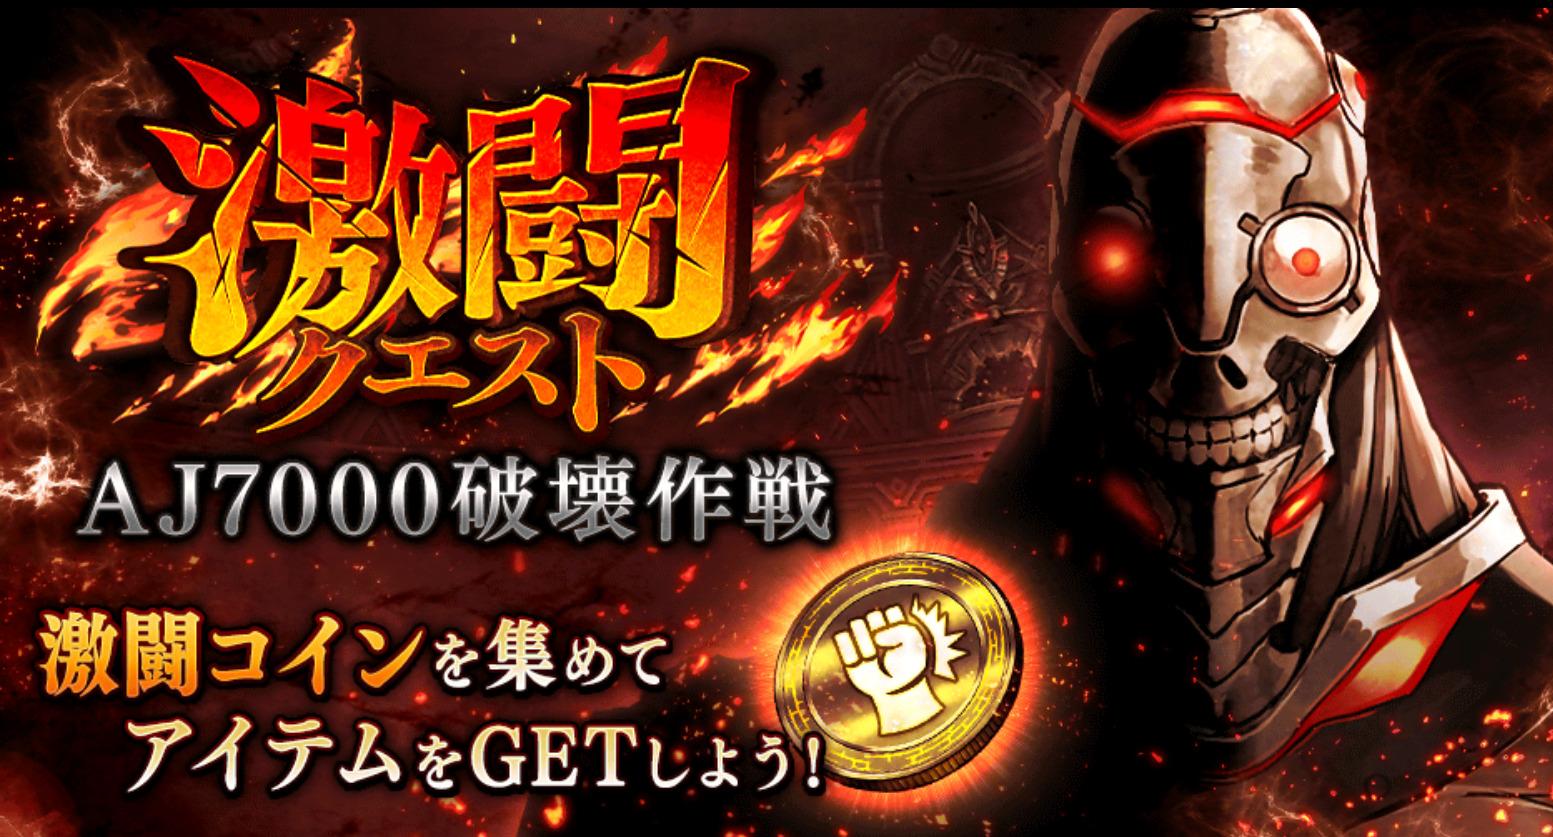 激闘クエスト 地獄級AJ 202104